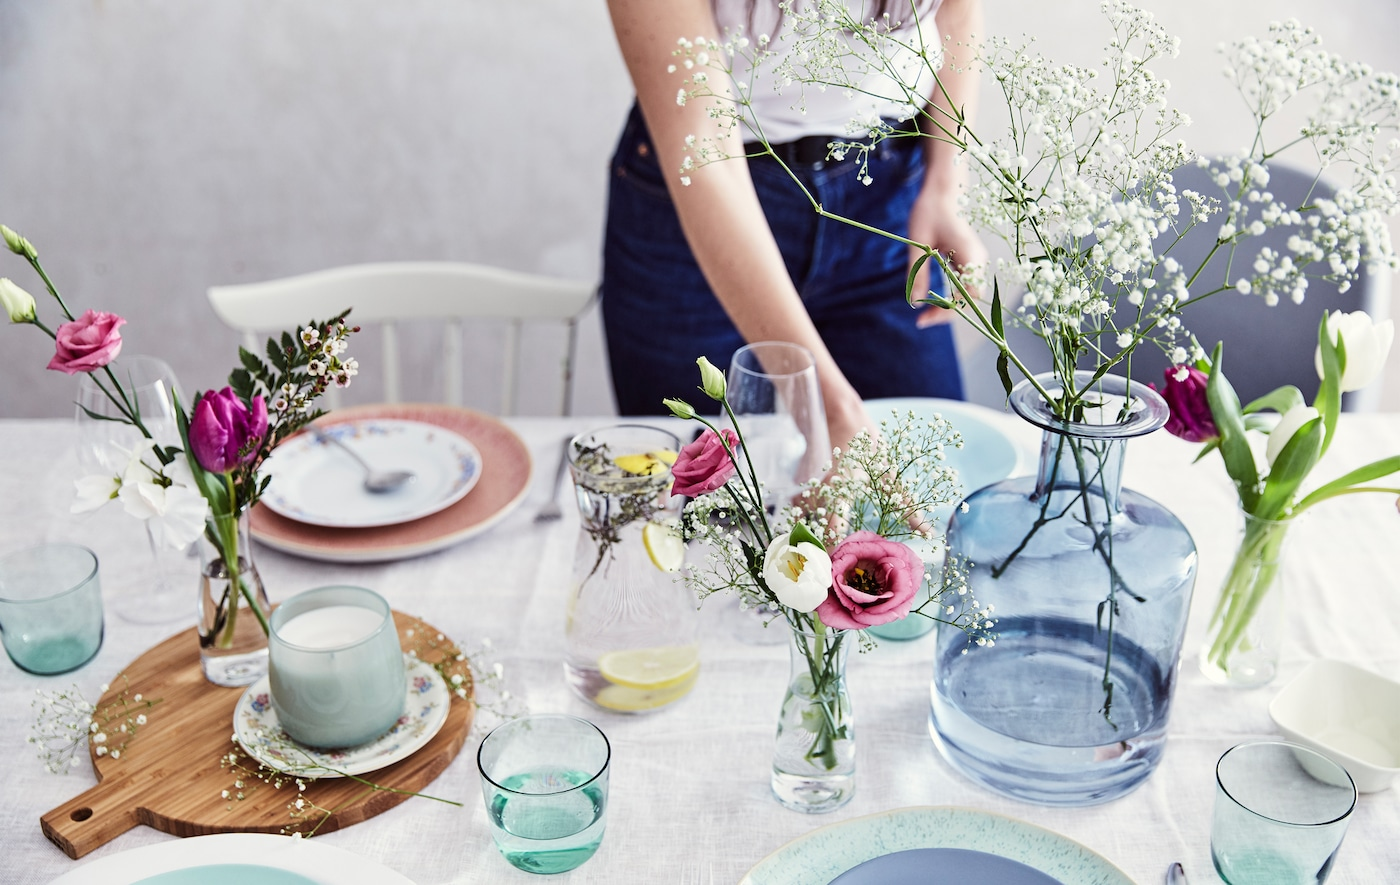 Une table dressée avec de la vaisselle pastel et des fleurs coupées dans des vases en verre de différentes formes et tailles, avec une planche en bois et une nappe en coton.